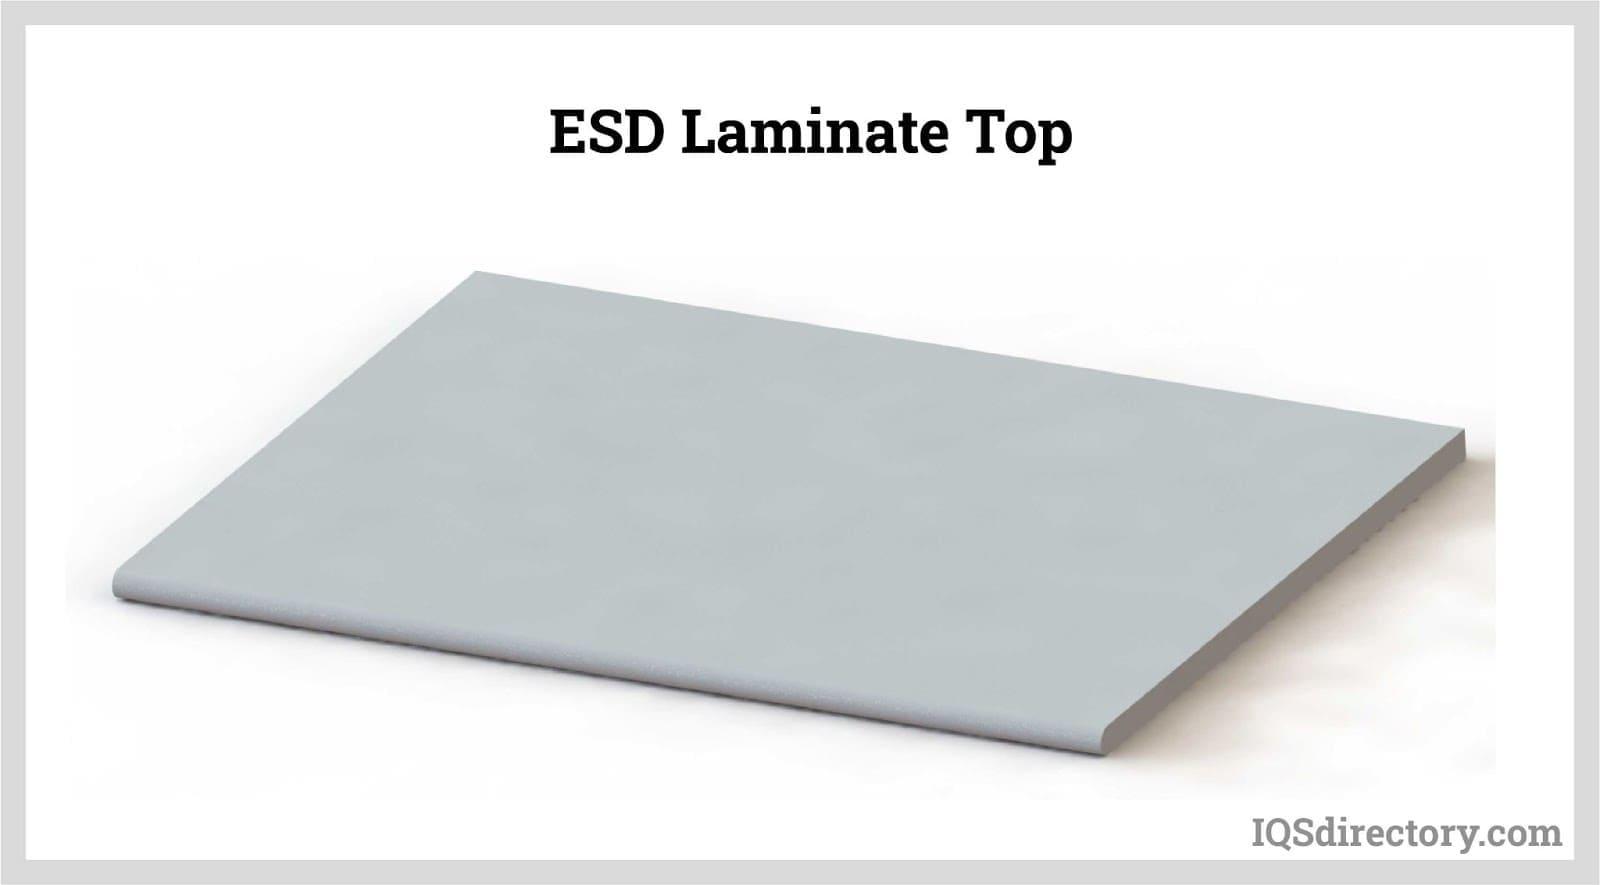 ESD Laminate Top